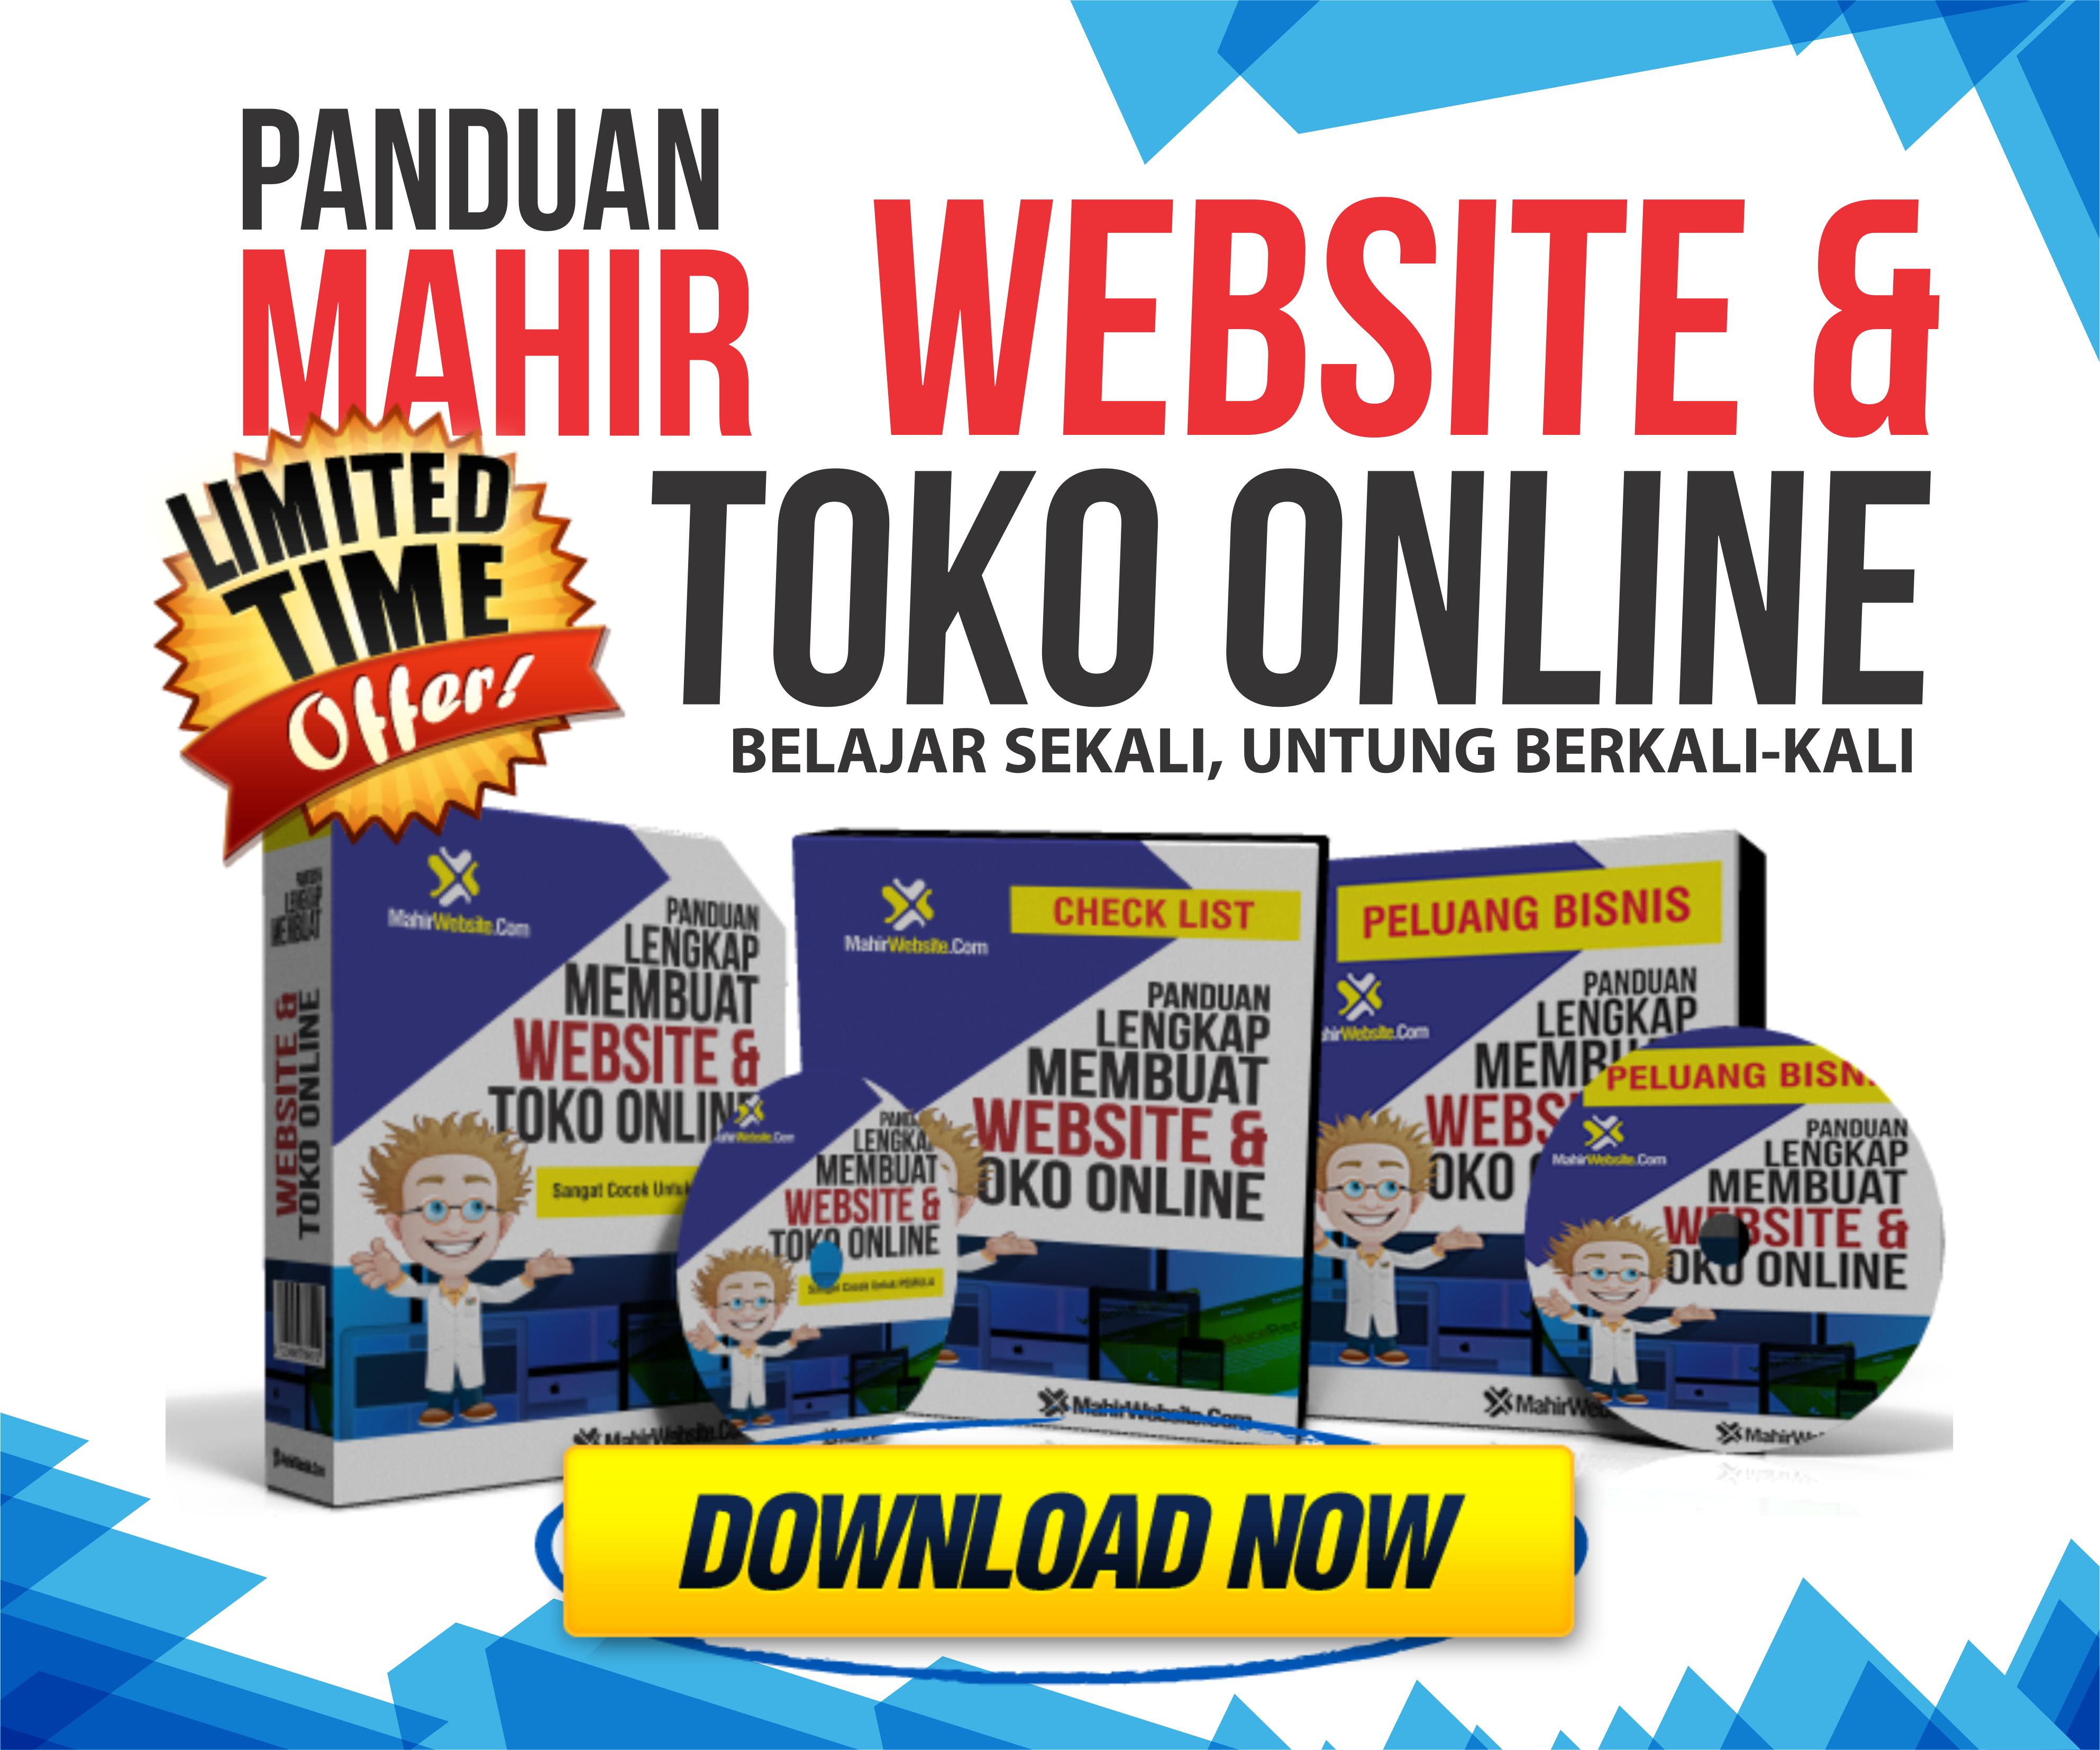 Mahir Website 336x280